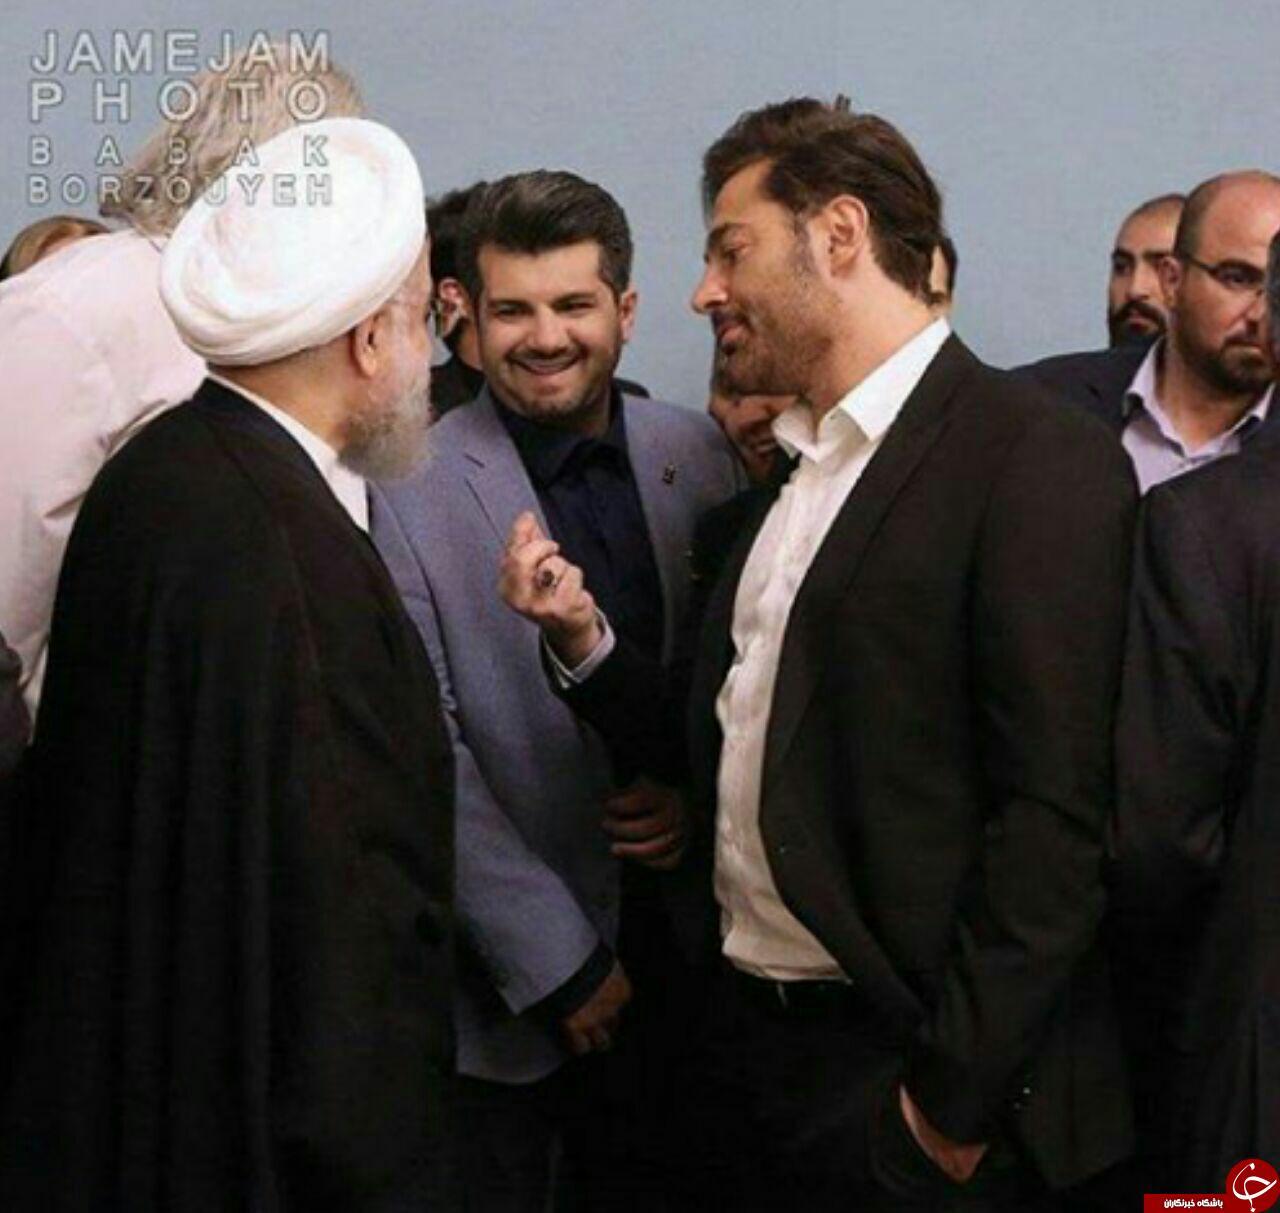 واکنش گلزار به عکس جنجالی اش با رئیس جمهور